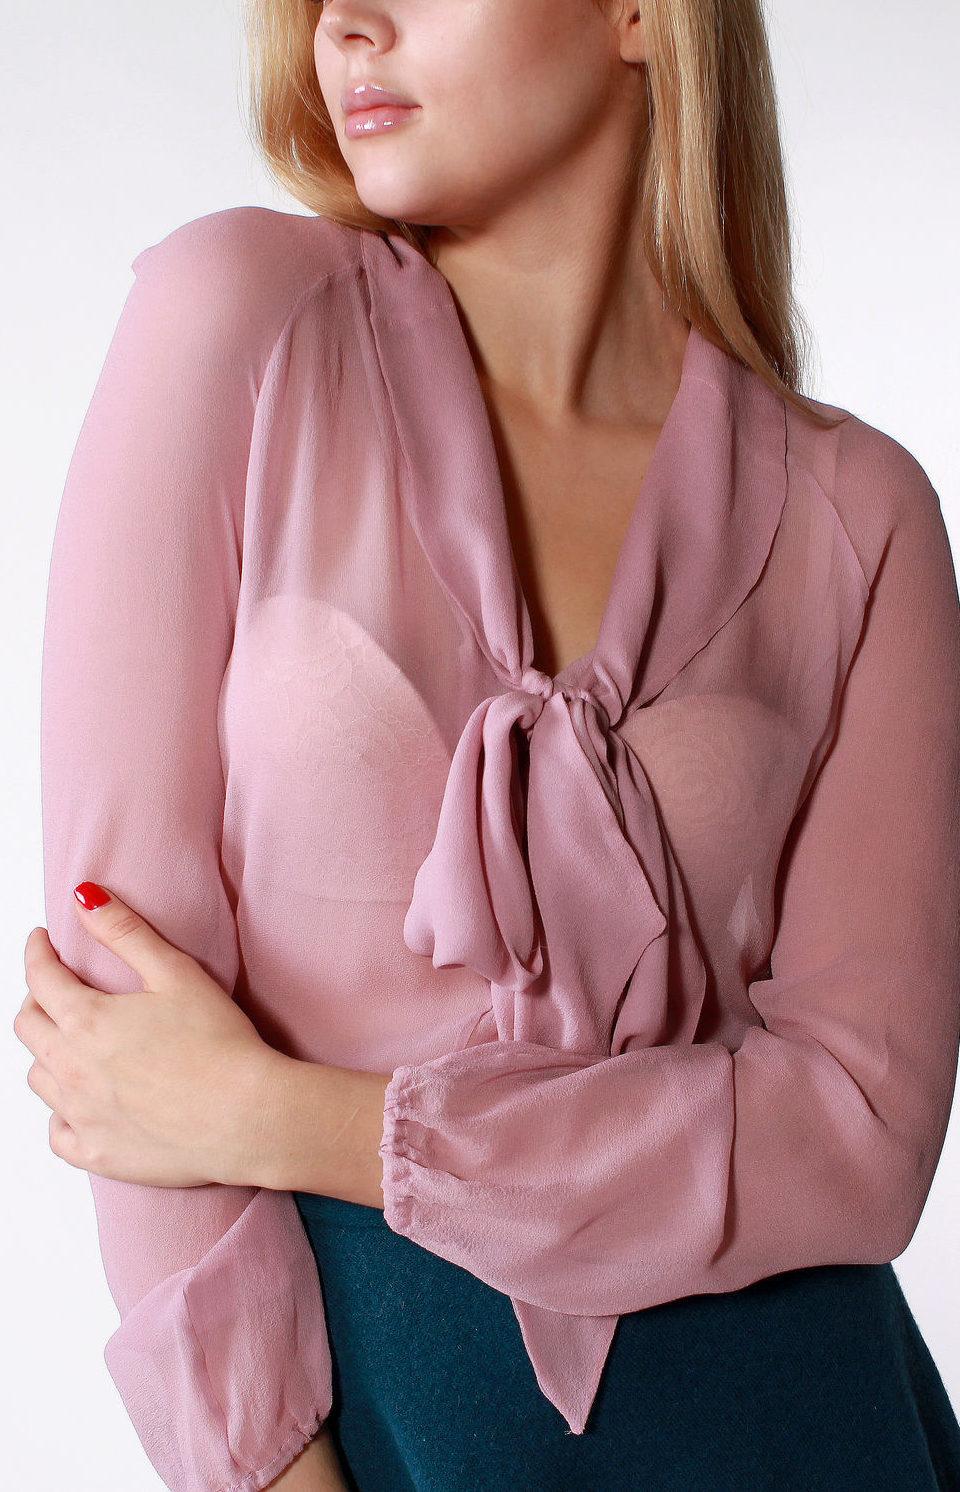 мода весна лето 2018 для женщин после 30: розовая блузка с бантом